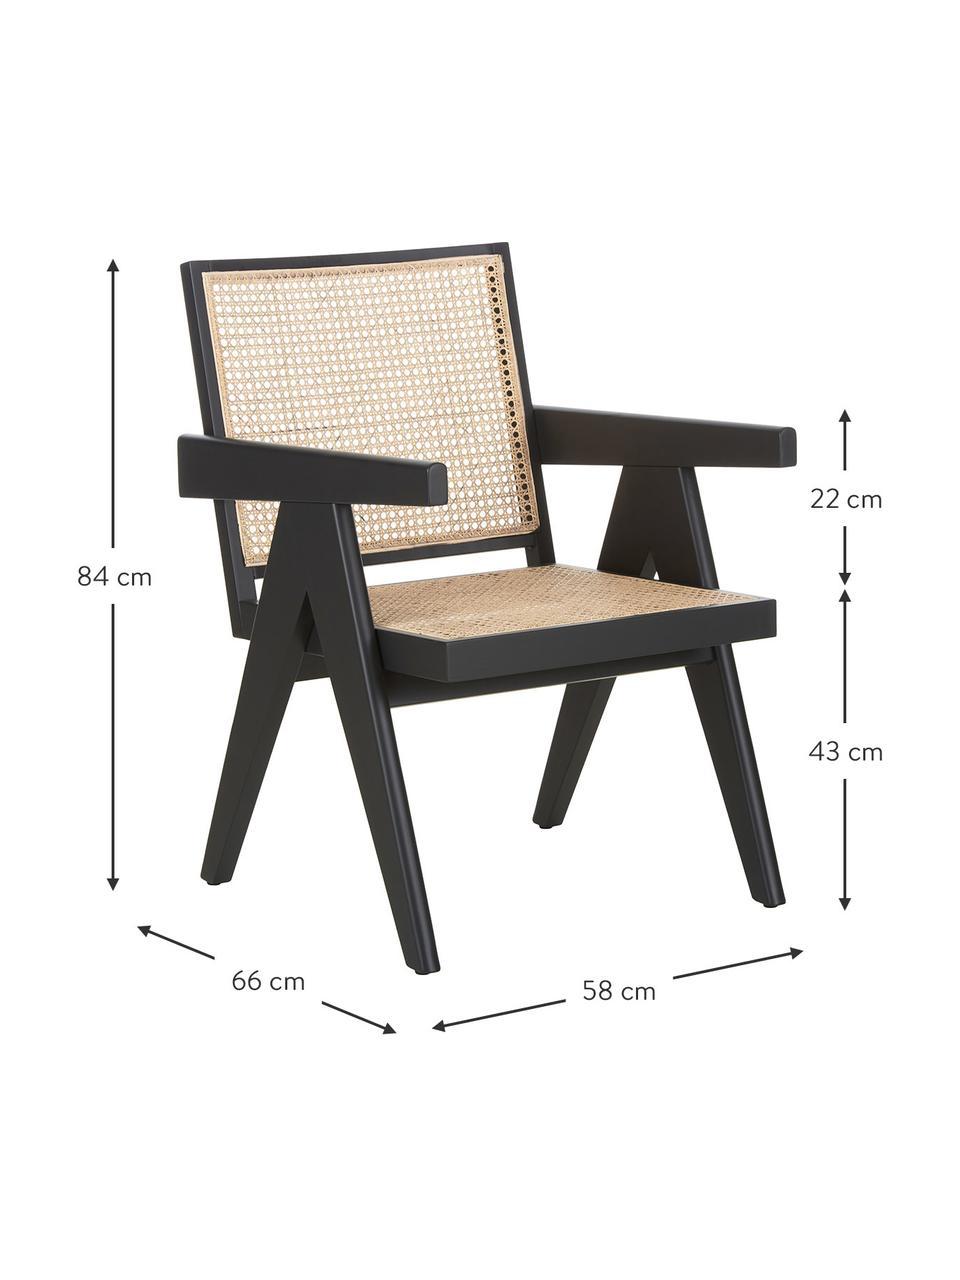 Sedia a poltrona con intreccio viennese Sissi, Struttura: legno verniciato di faggi, Seduta: rattan, Legno di faggio, Larg. 58 x Prof. 66 cm